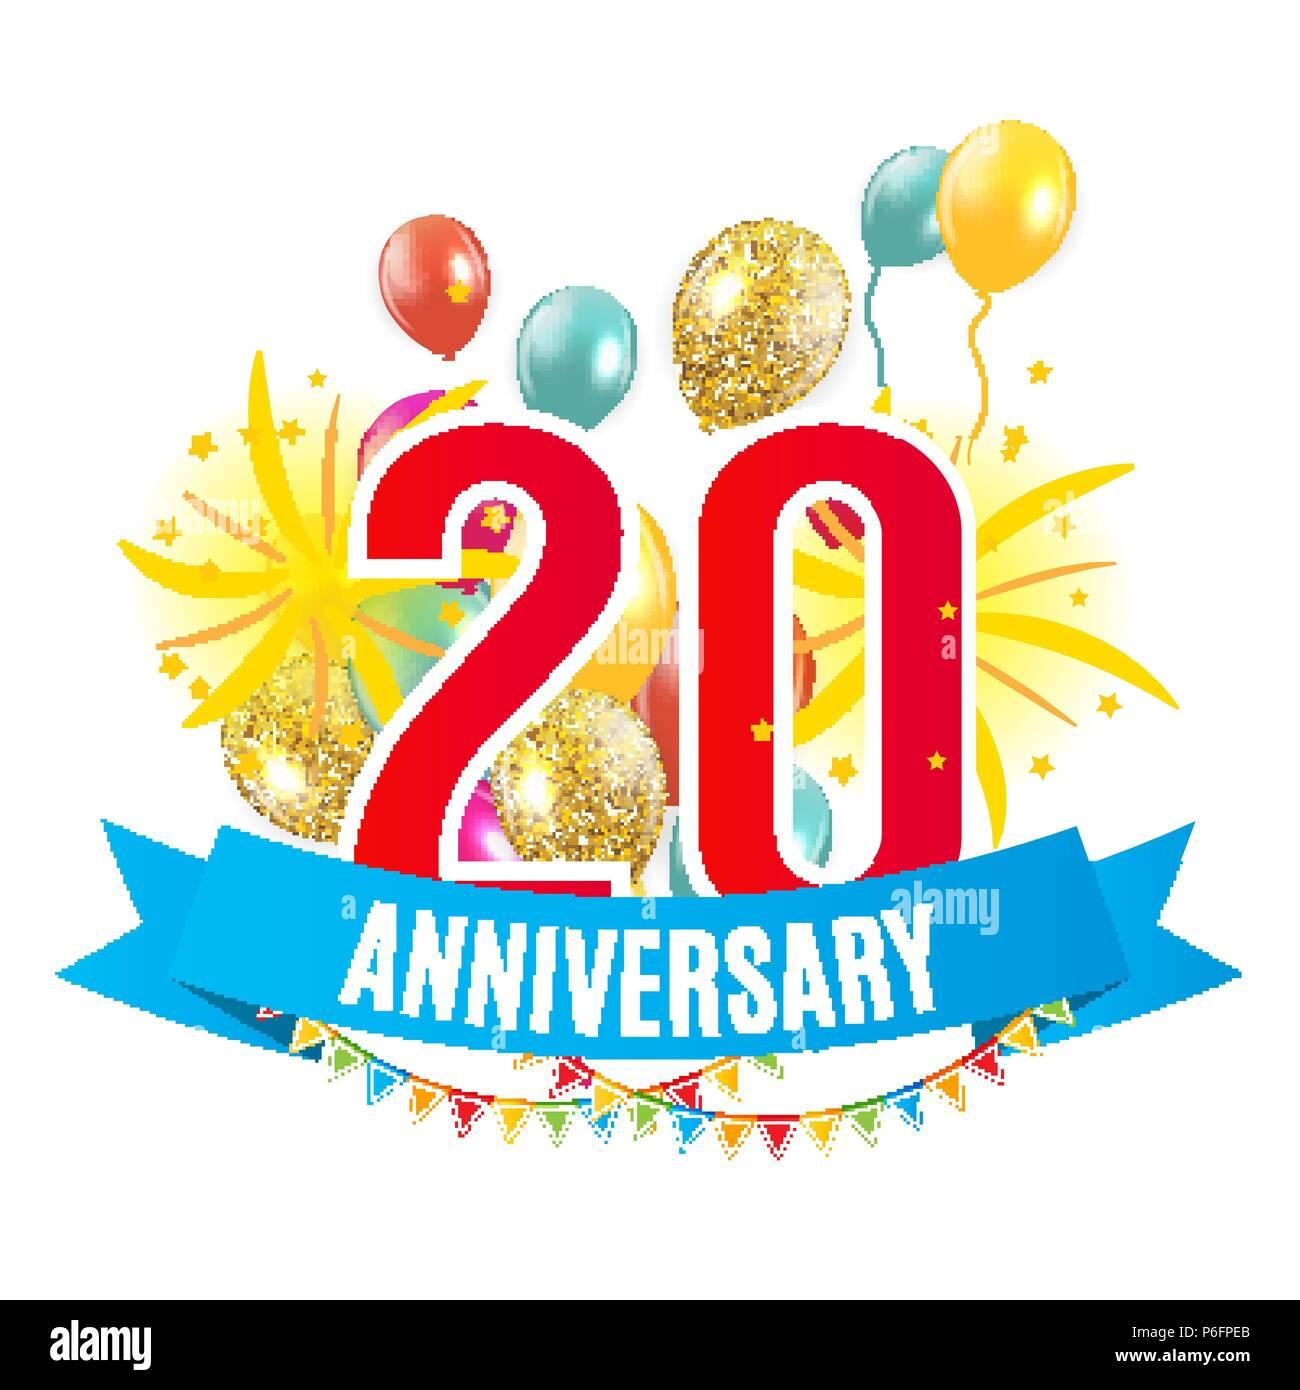 Anniversario Matrimonio Venti Anni.Dima 20 Anni Di Anniversario Congratulazioni Biglietto Di Auguri